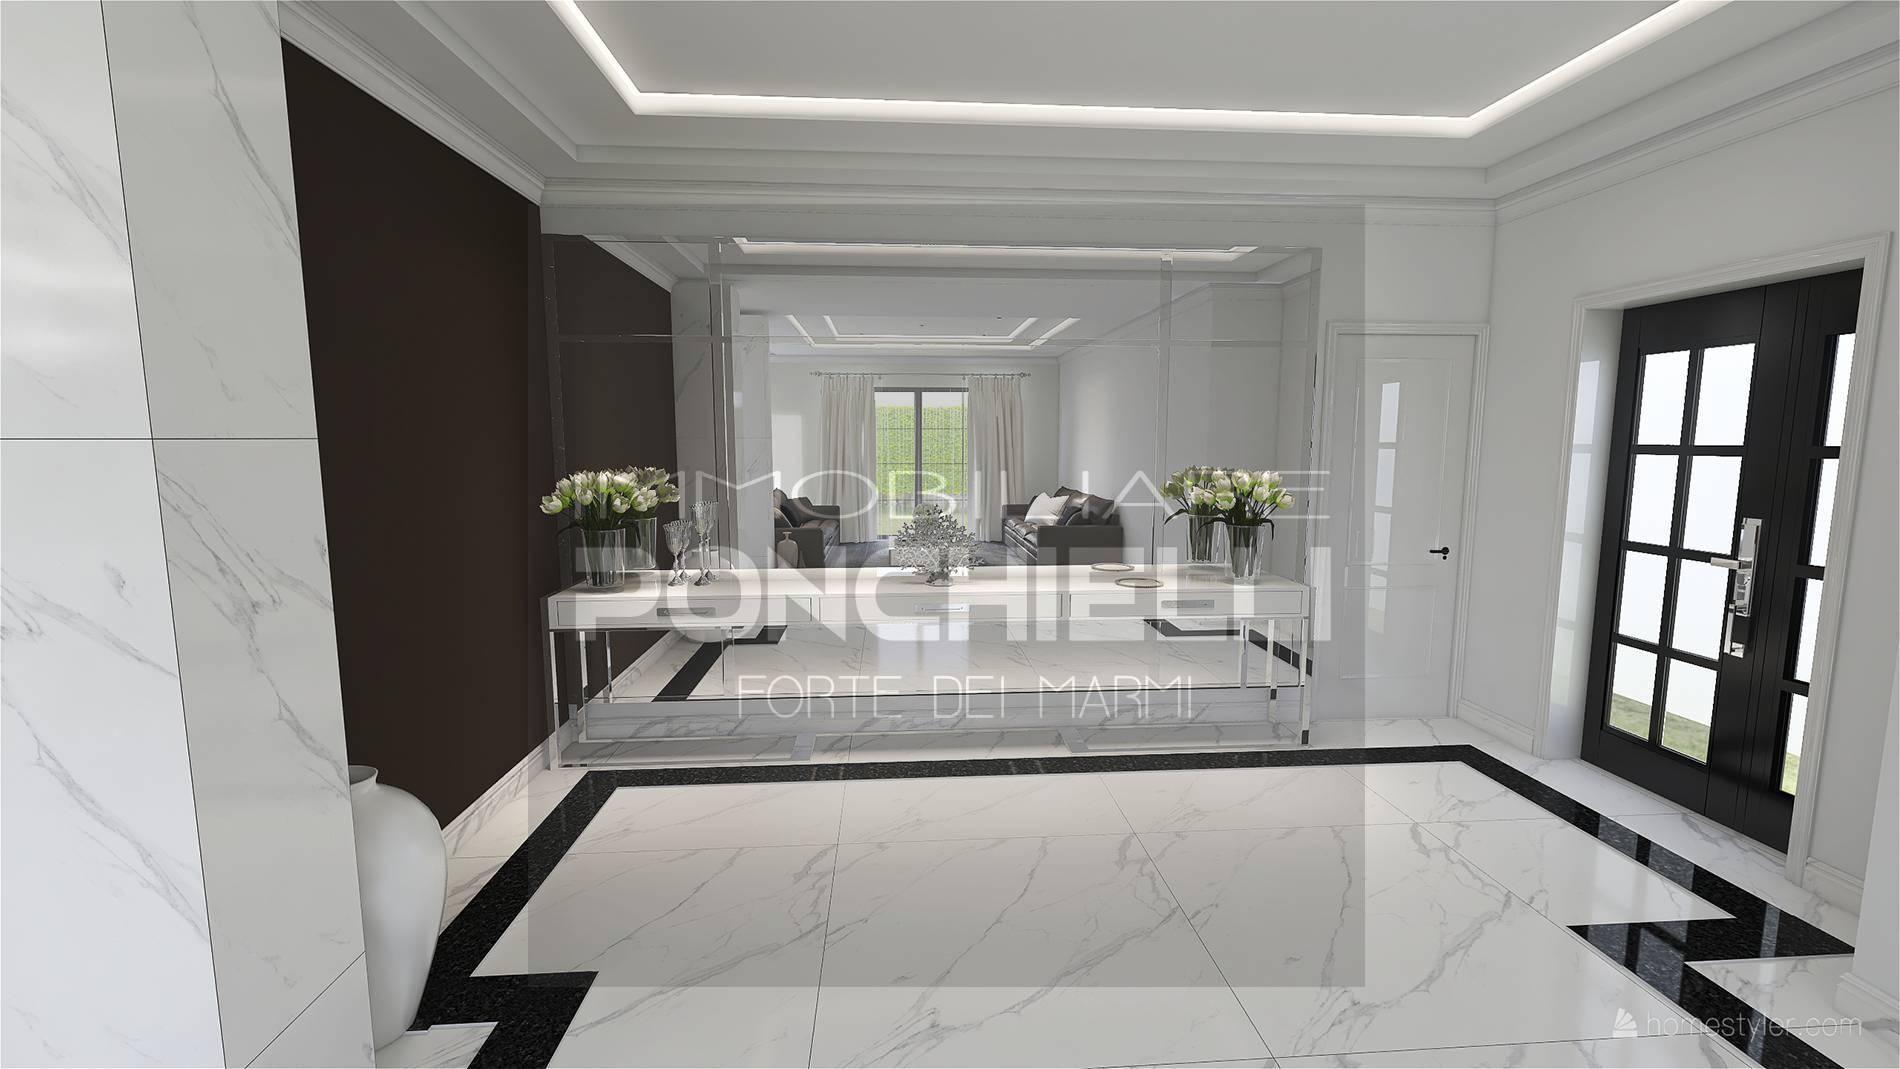 Real-Estate-Immobiliare-Ponchielli-Forte-dei-Marmi...